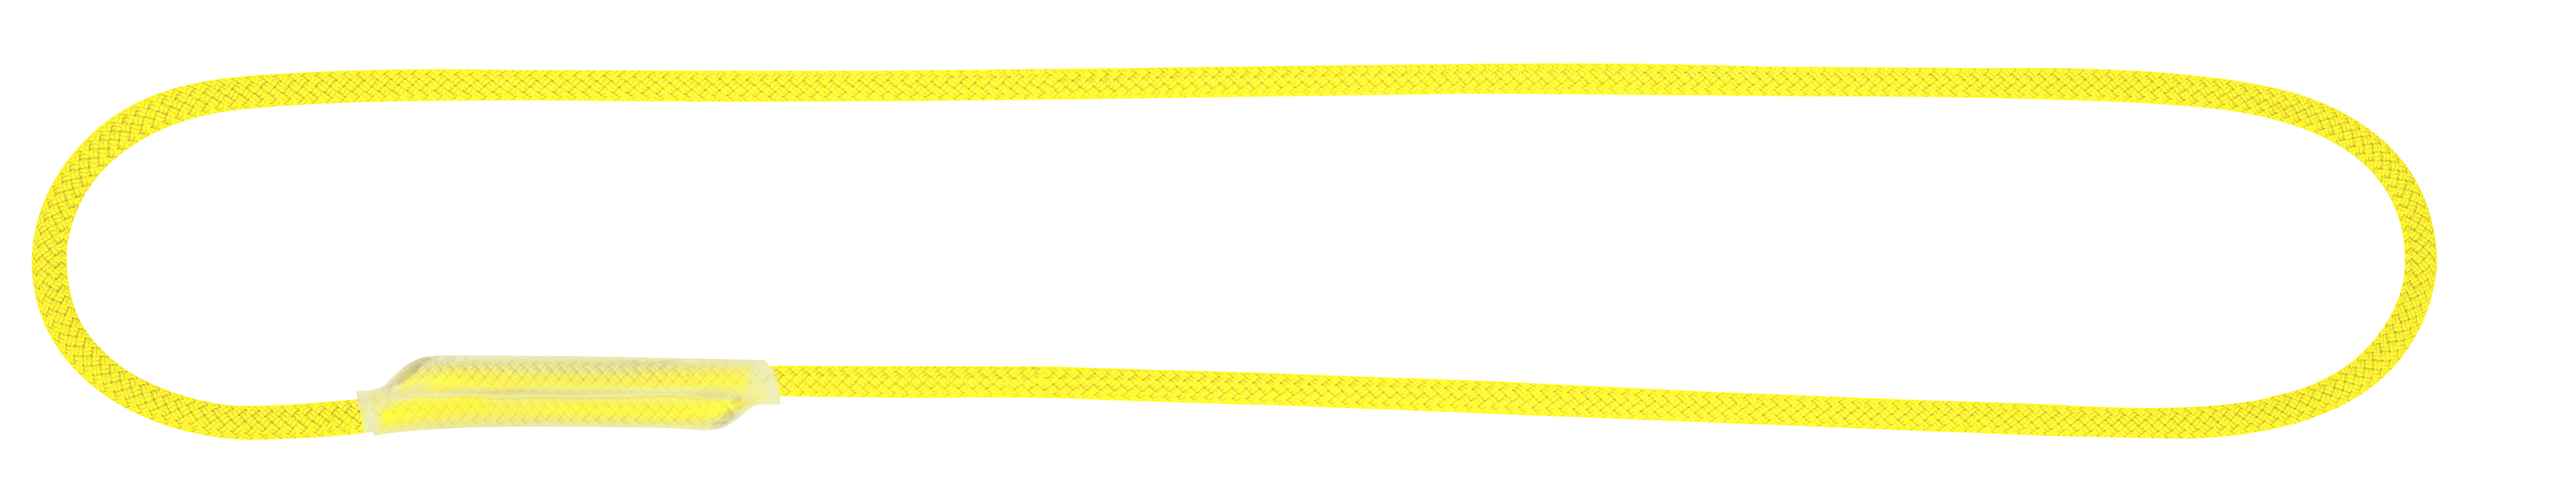 Beal Dynaloop - Seilschlinge